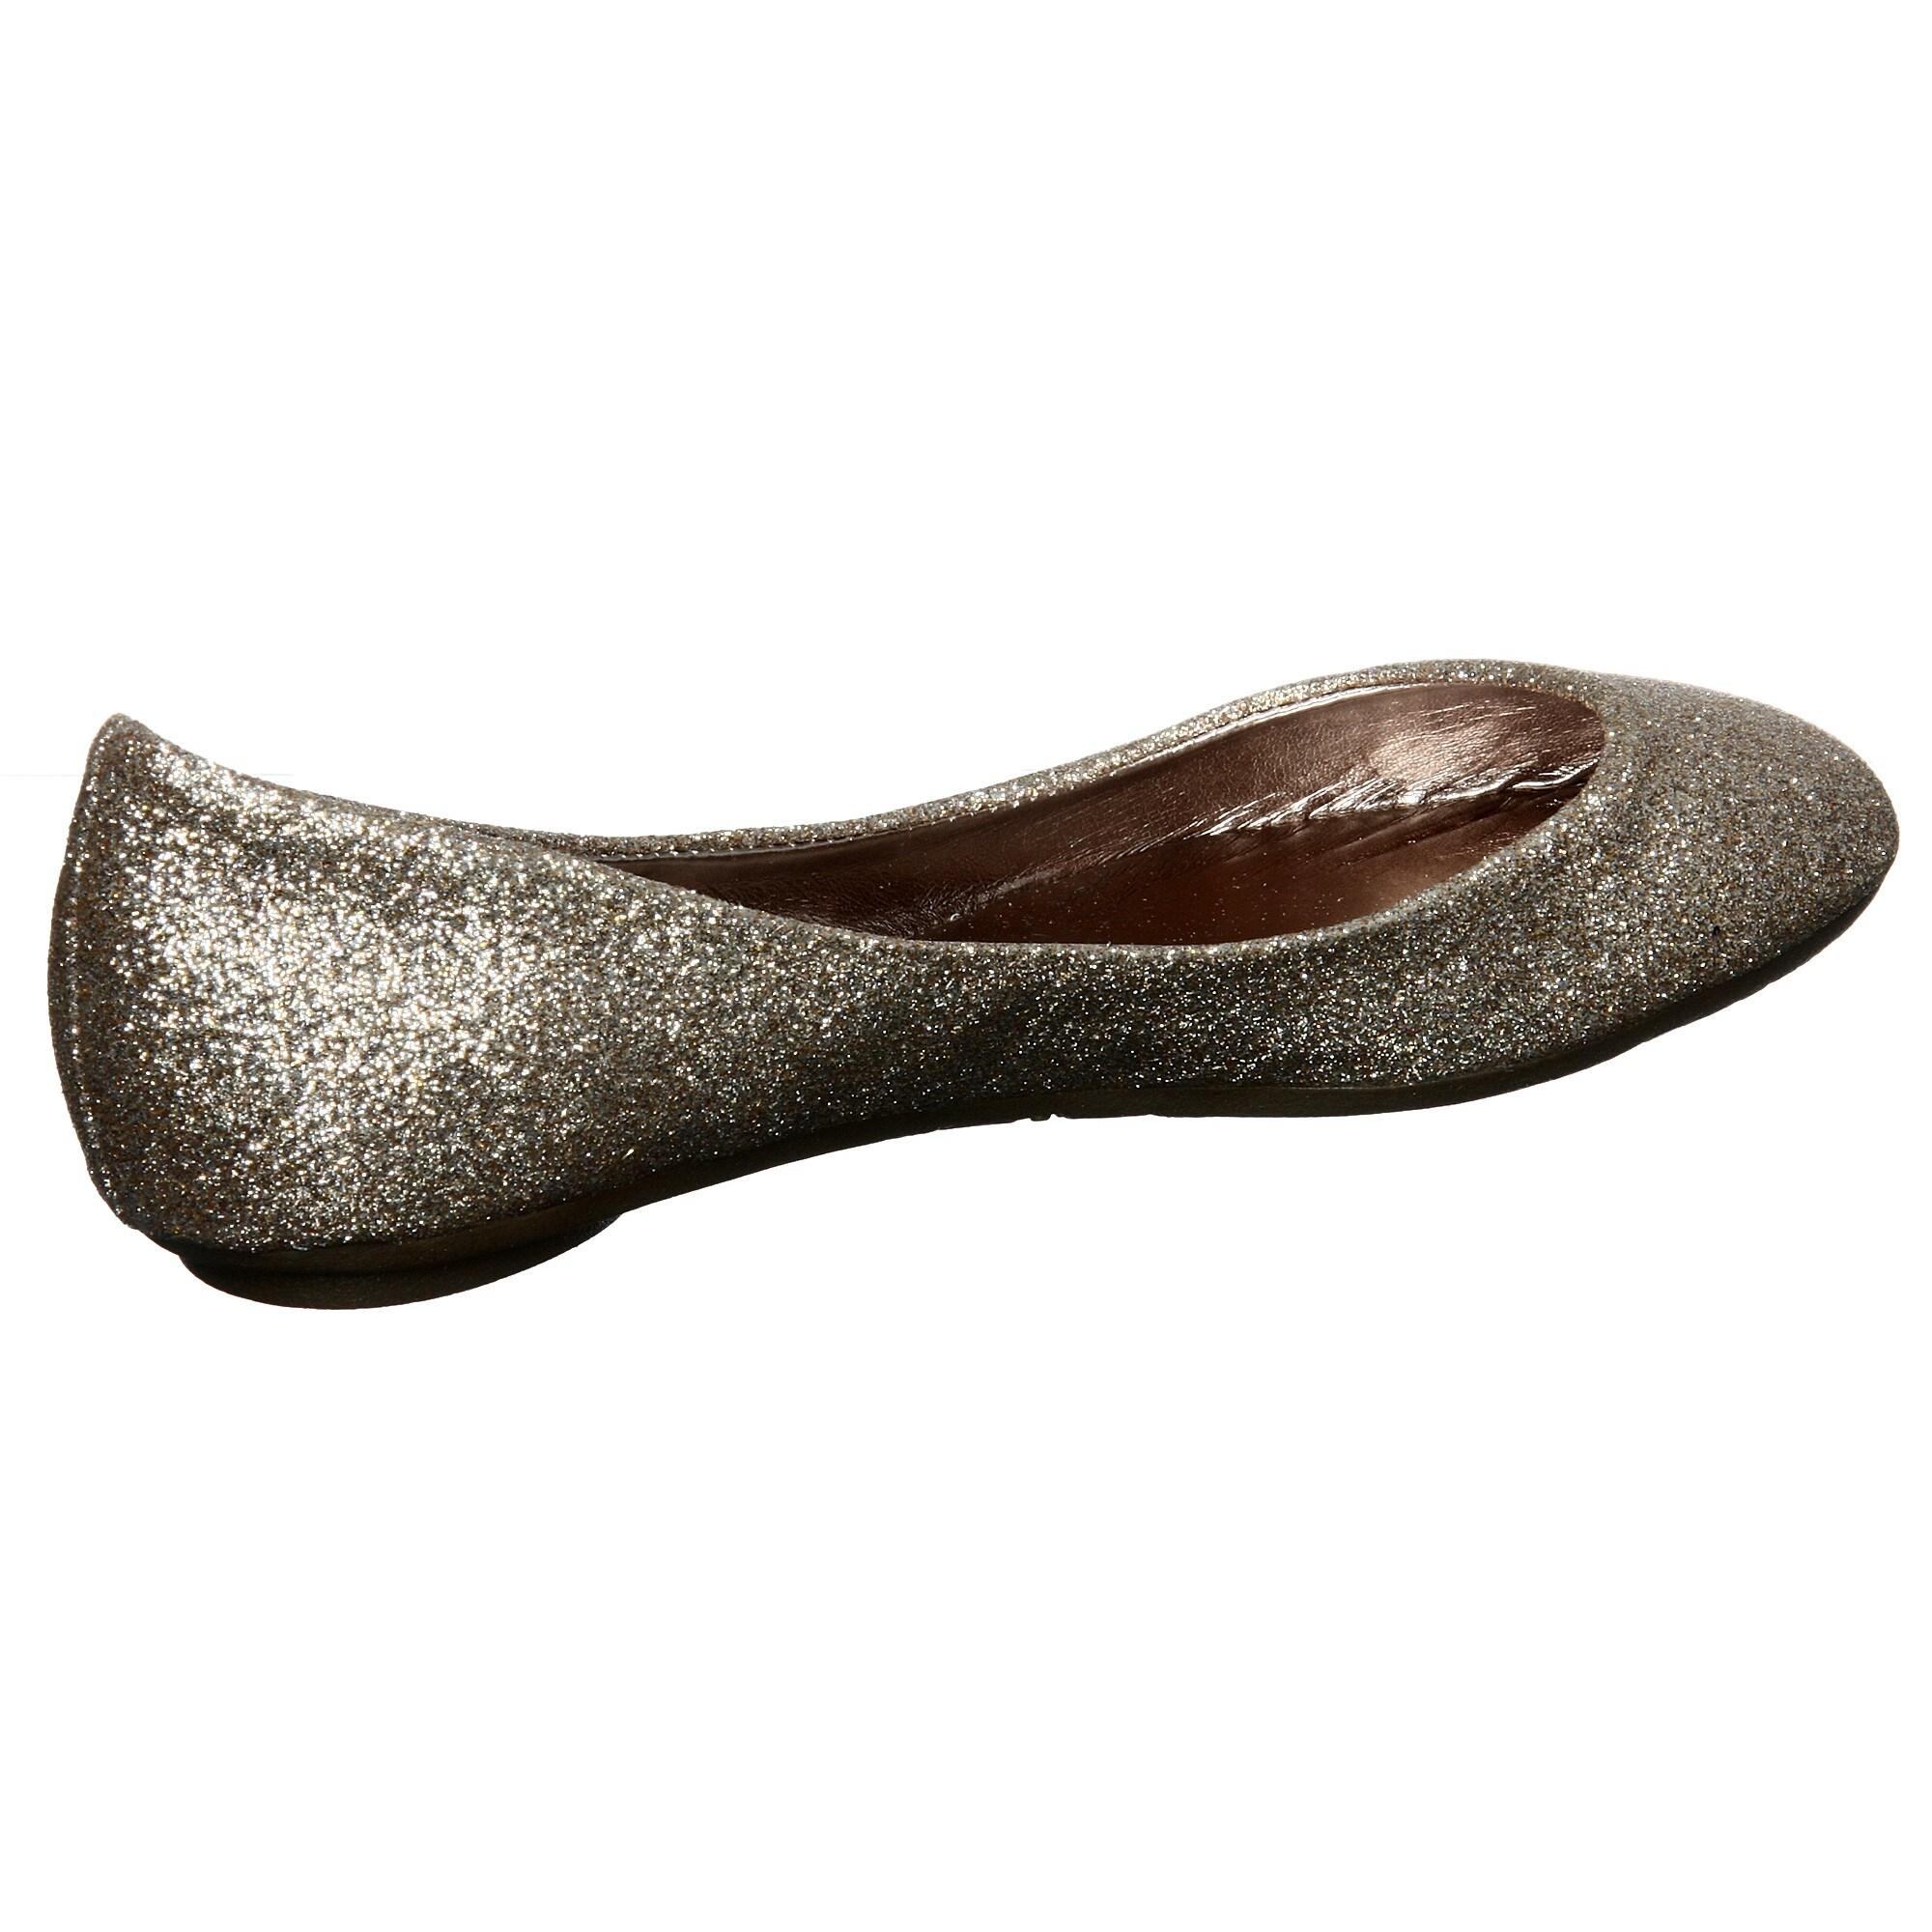 6b5ce857e98 Steve Madden Women's 'P-Heaven' Gold Glitter Ballet Flats